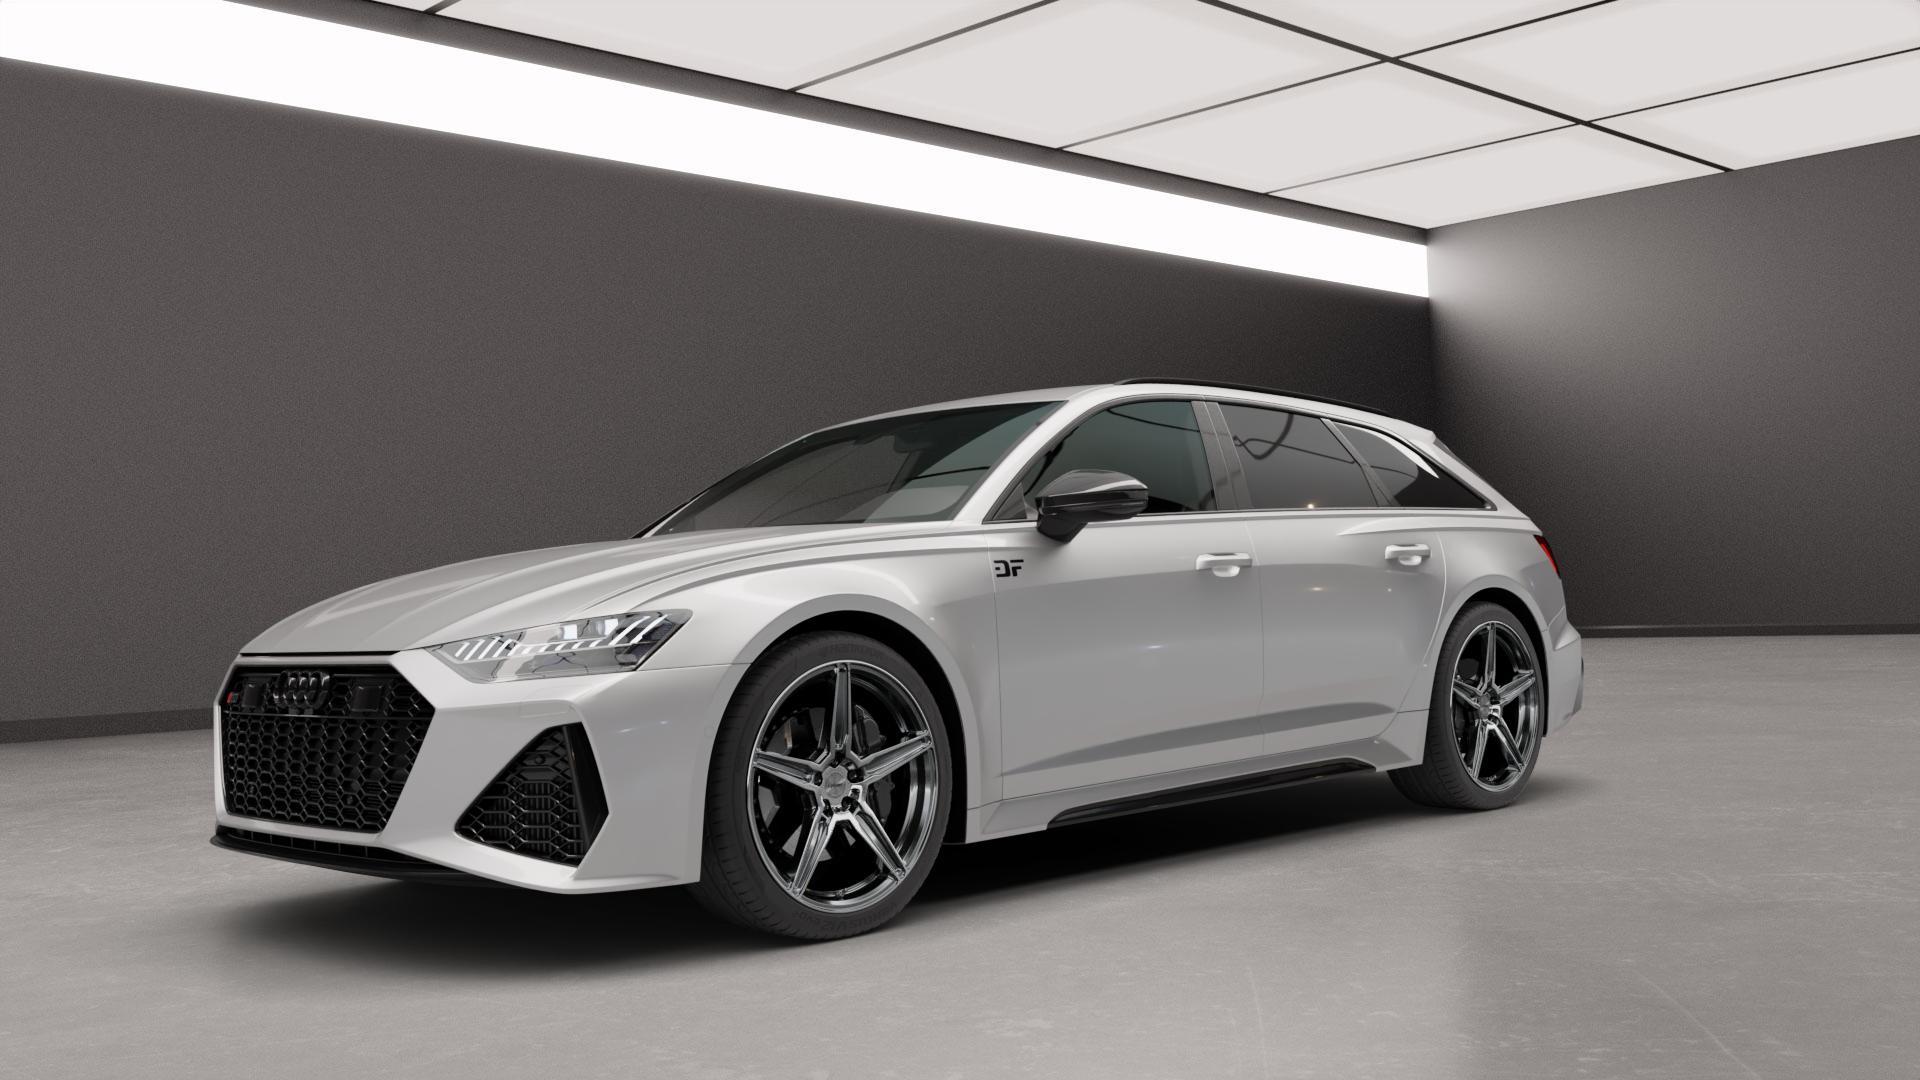 OXIGIN 21 Oxflow titan brush Felge mit Reifen grau in 21Zoll Alufelge auf silbernem Audi A6 Typ F2/C8 (Avant) 4,0l RS6 TFSI quattro 441kW (600 PS) Mild-Hybrid ⬇️ mit 15mm Tieferlegung ⬇️ Neutral_mid_max5300mm Frontansicht_1